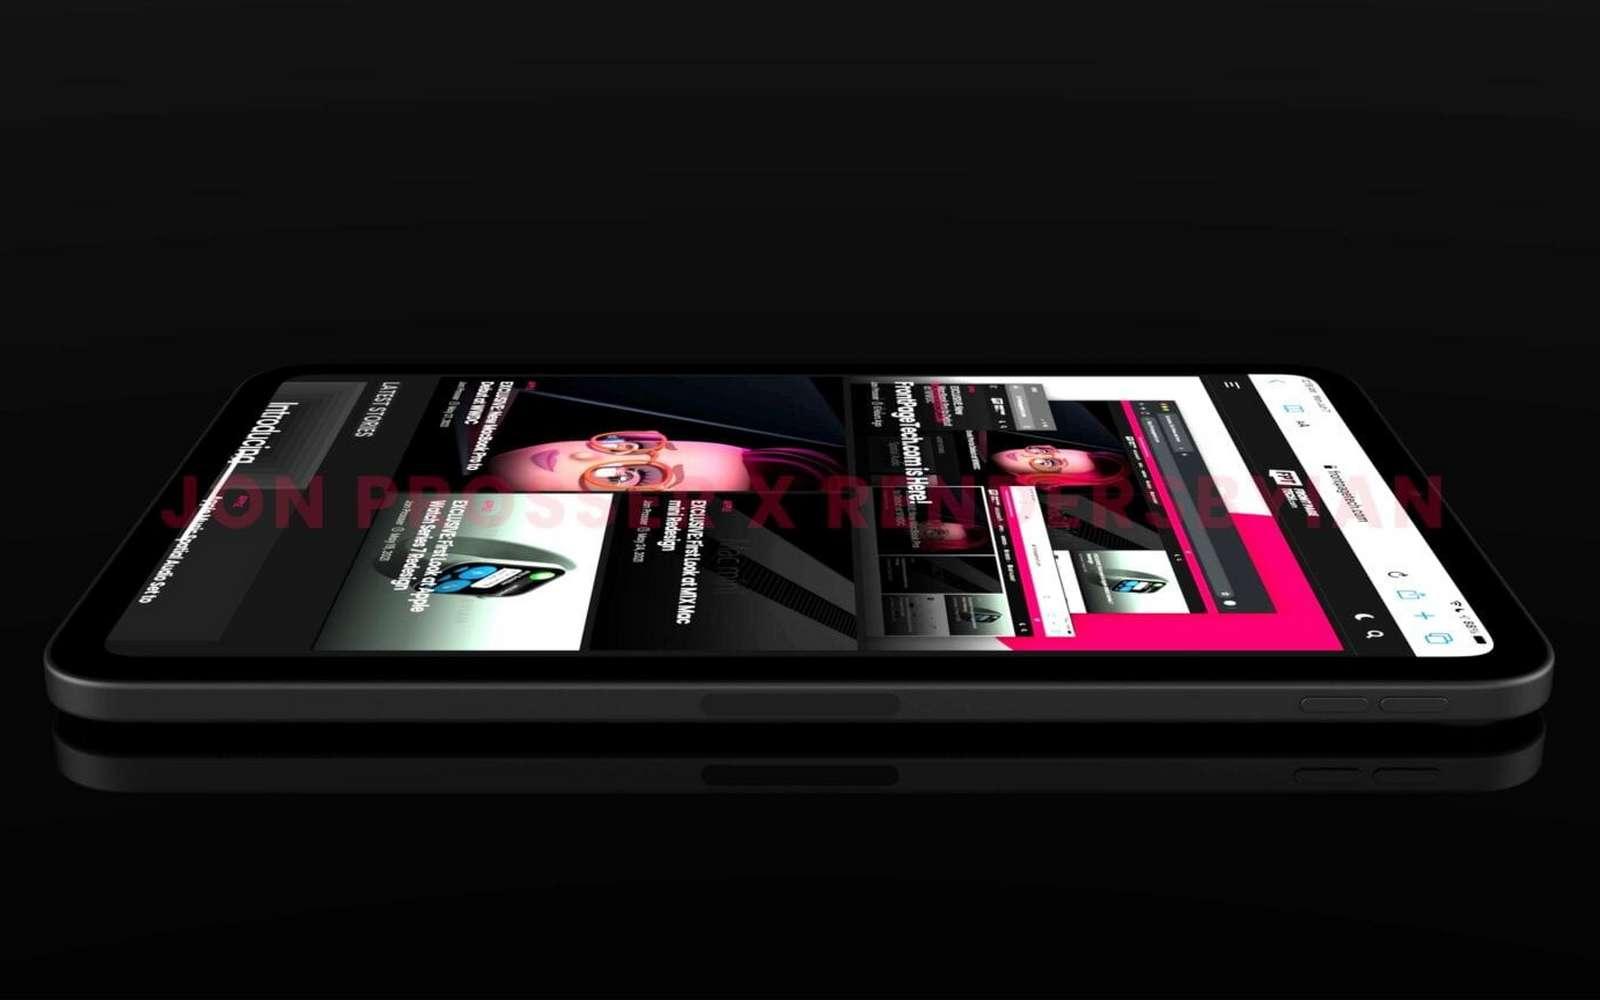 Un rendu de ce à quoi pourrait ressembler le nouvel iPad mini 6. © Jon Prosser x Rendersbyian